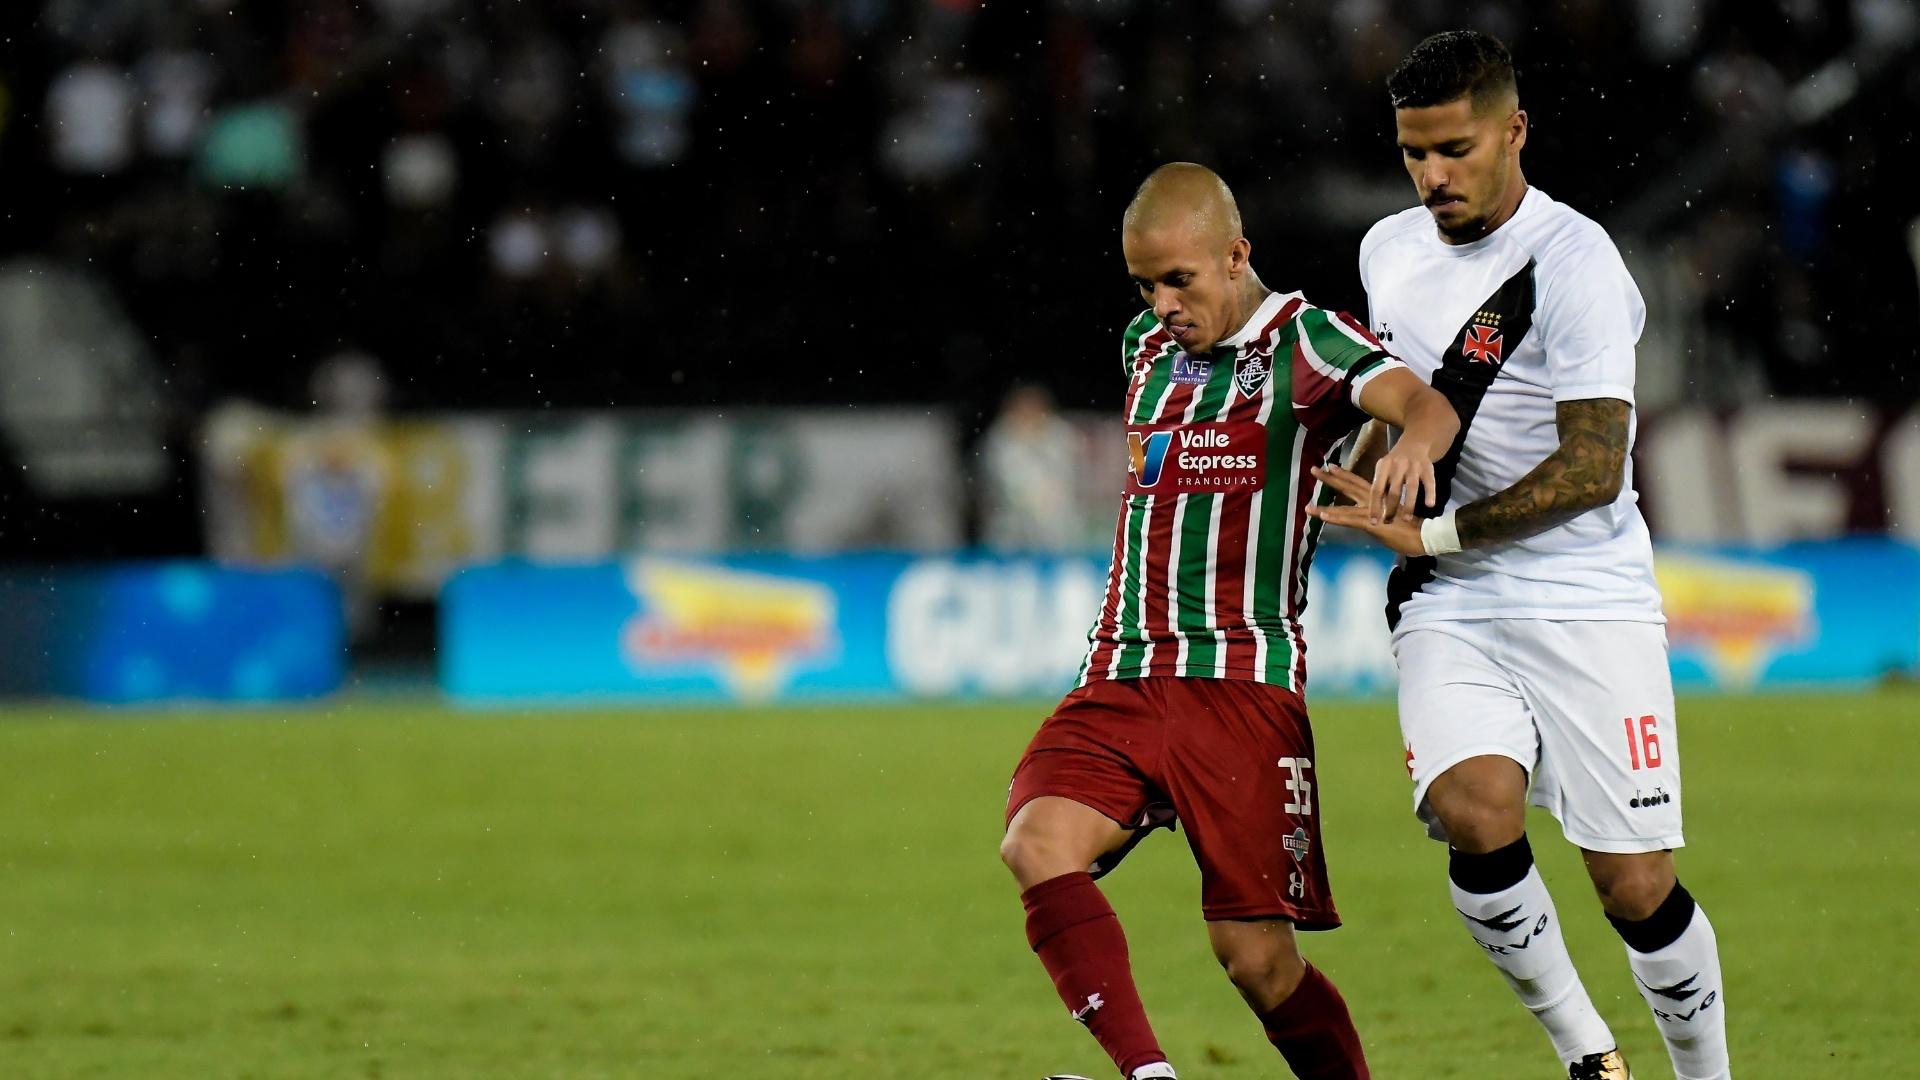 Marcos Junior e Henrique disputam bola em Vasco x Fluminense pelo Campeonato Carioca